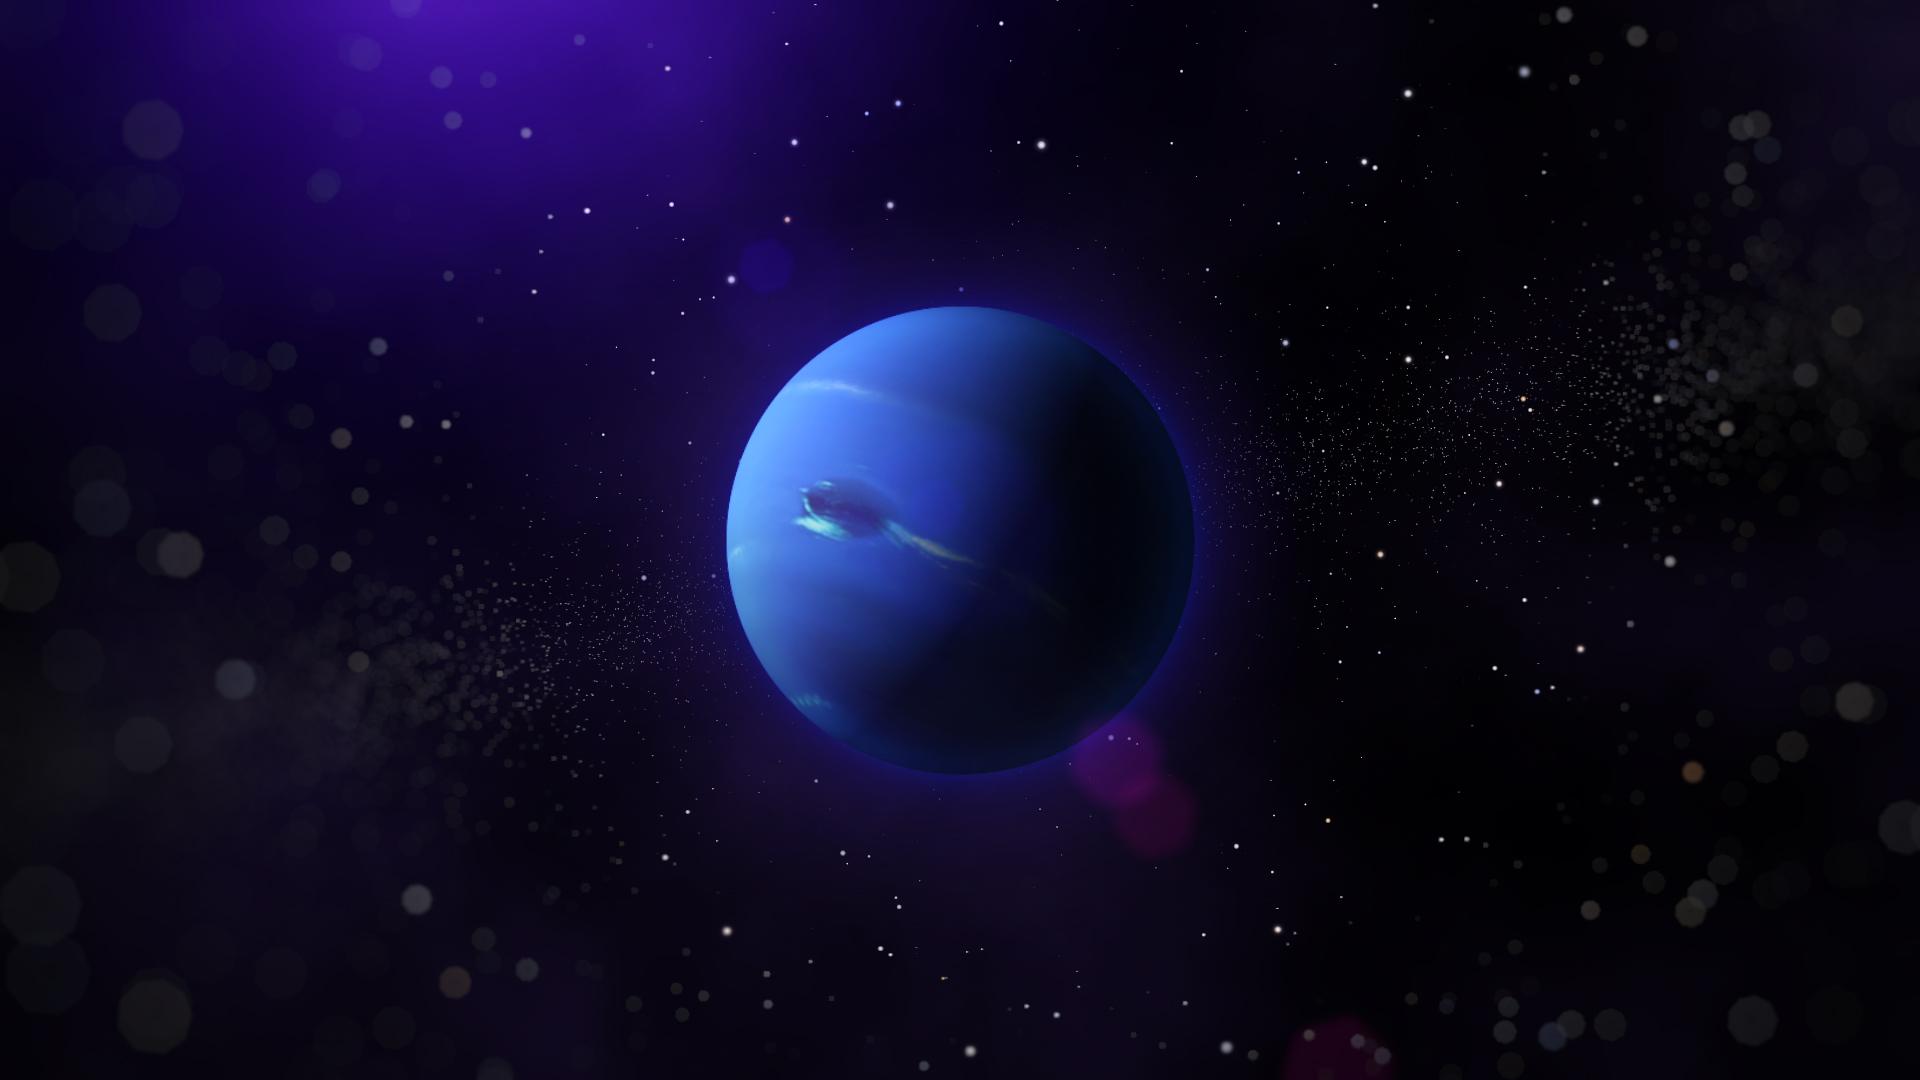 всего космос картинки нептун очаровательными группами